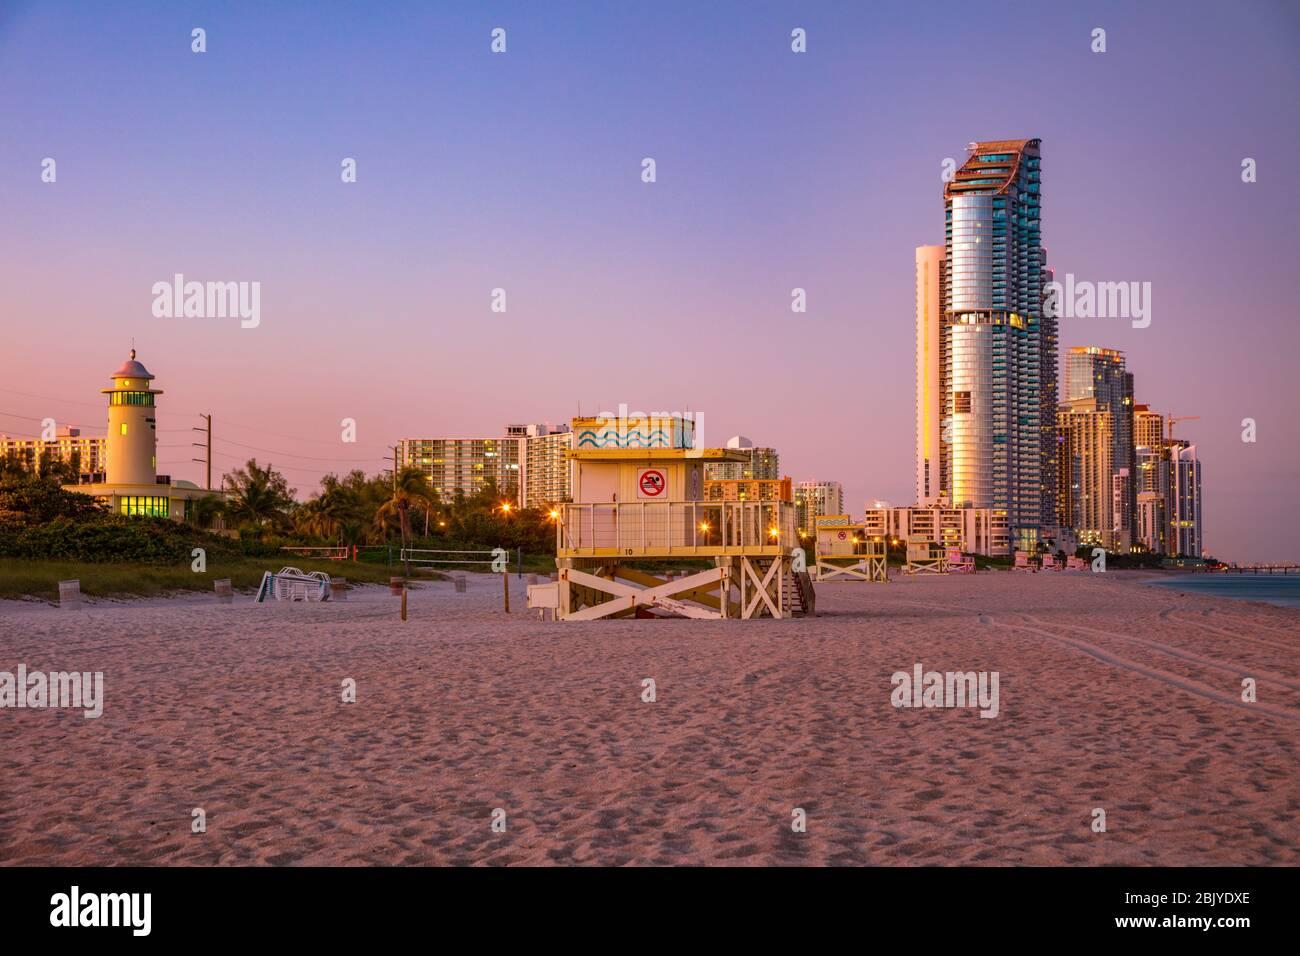 Plage des îles ensoleillées. Sunny Isles Beach, Floride, États-Unis. Banque D'Images